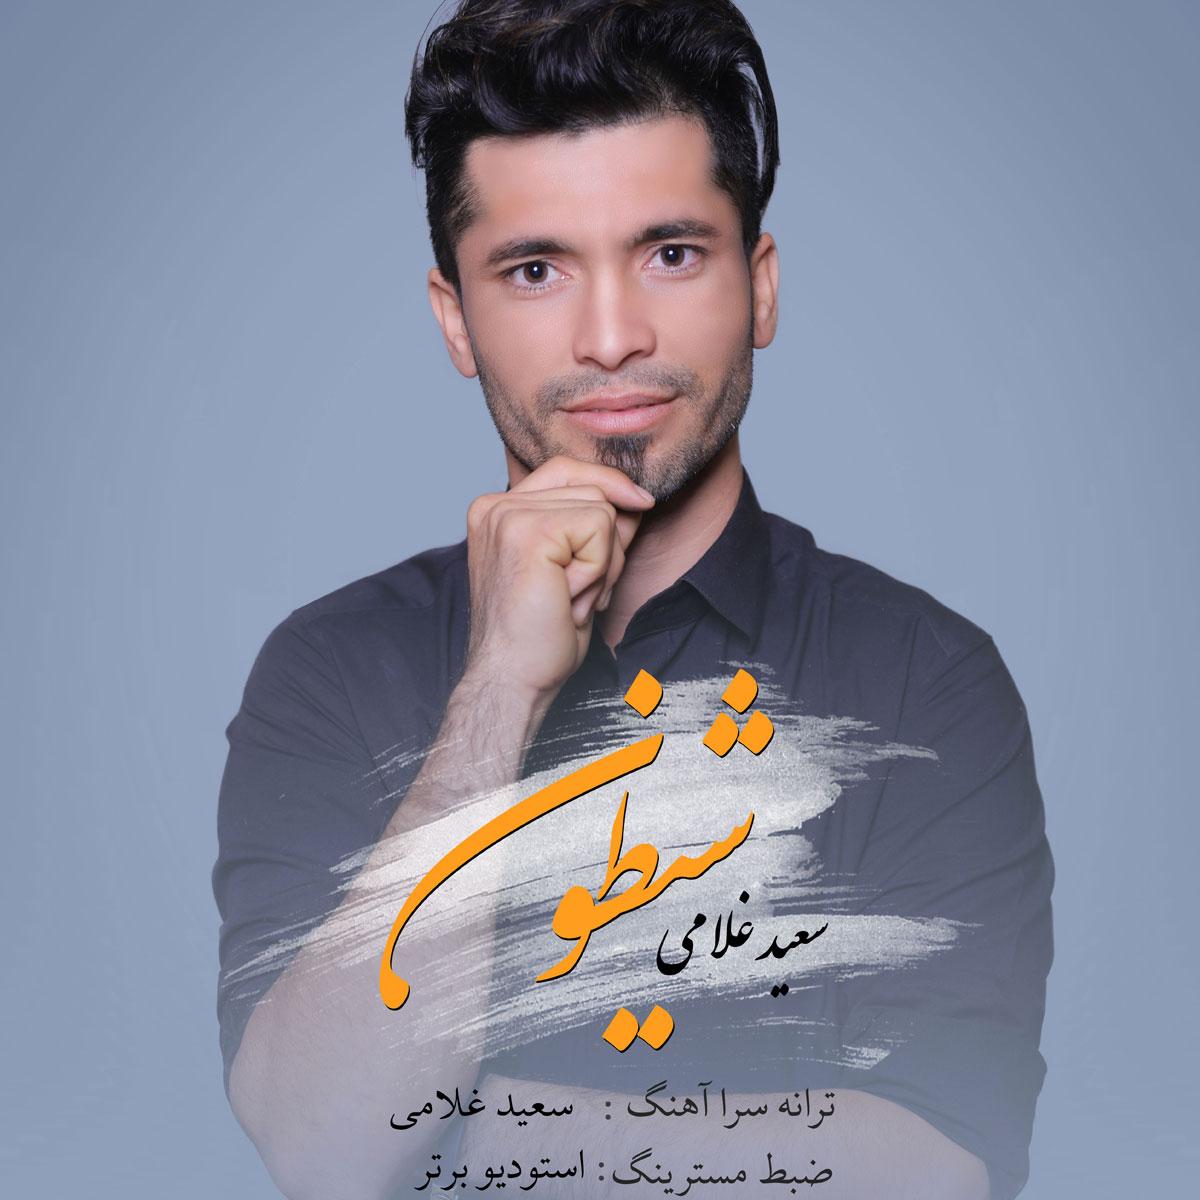 Saeid Qholami – Sheyton